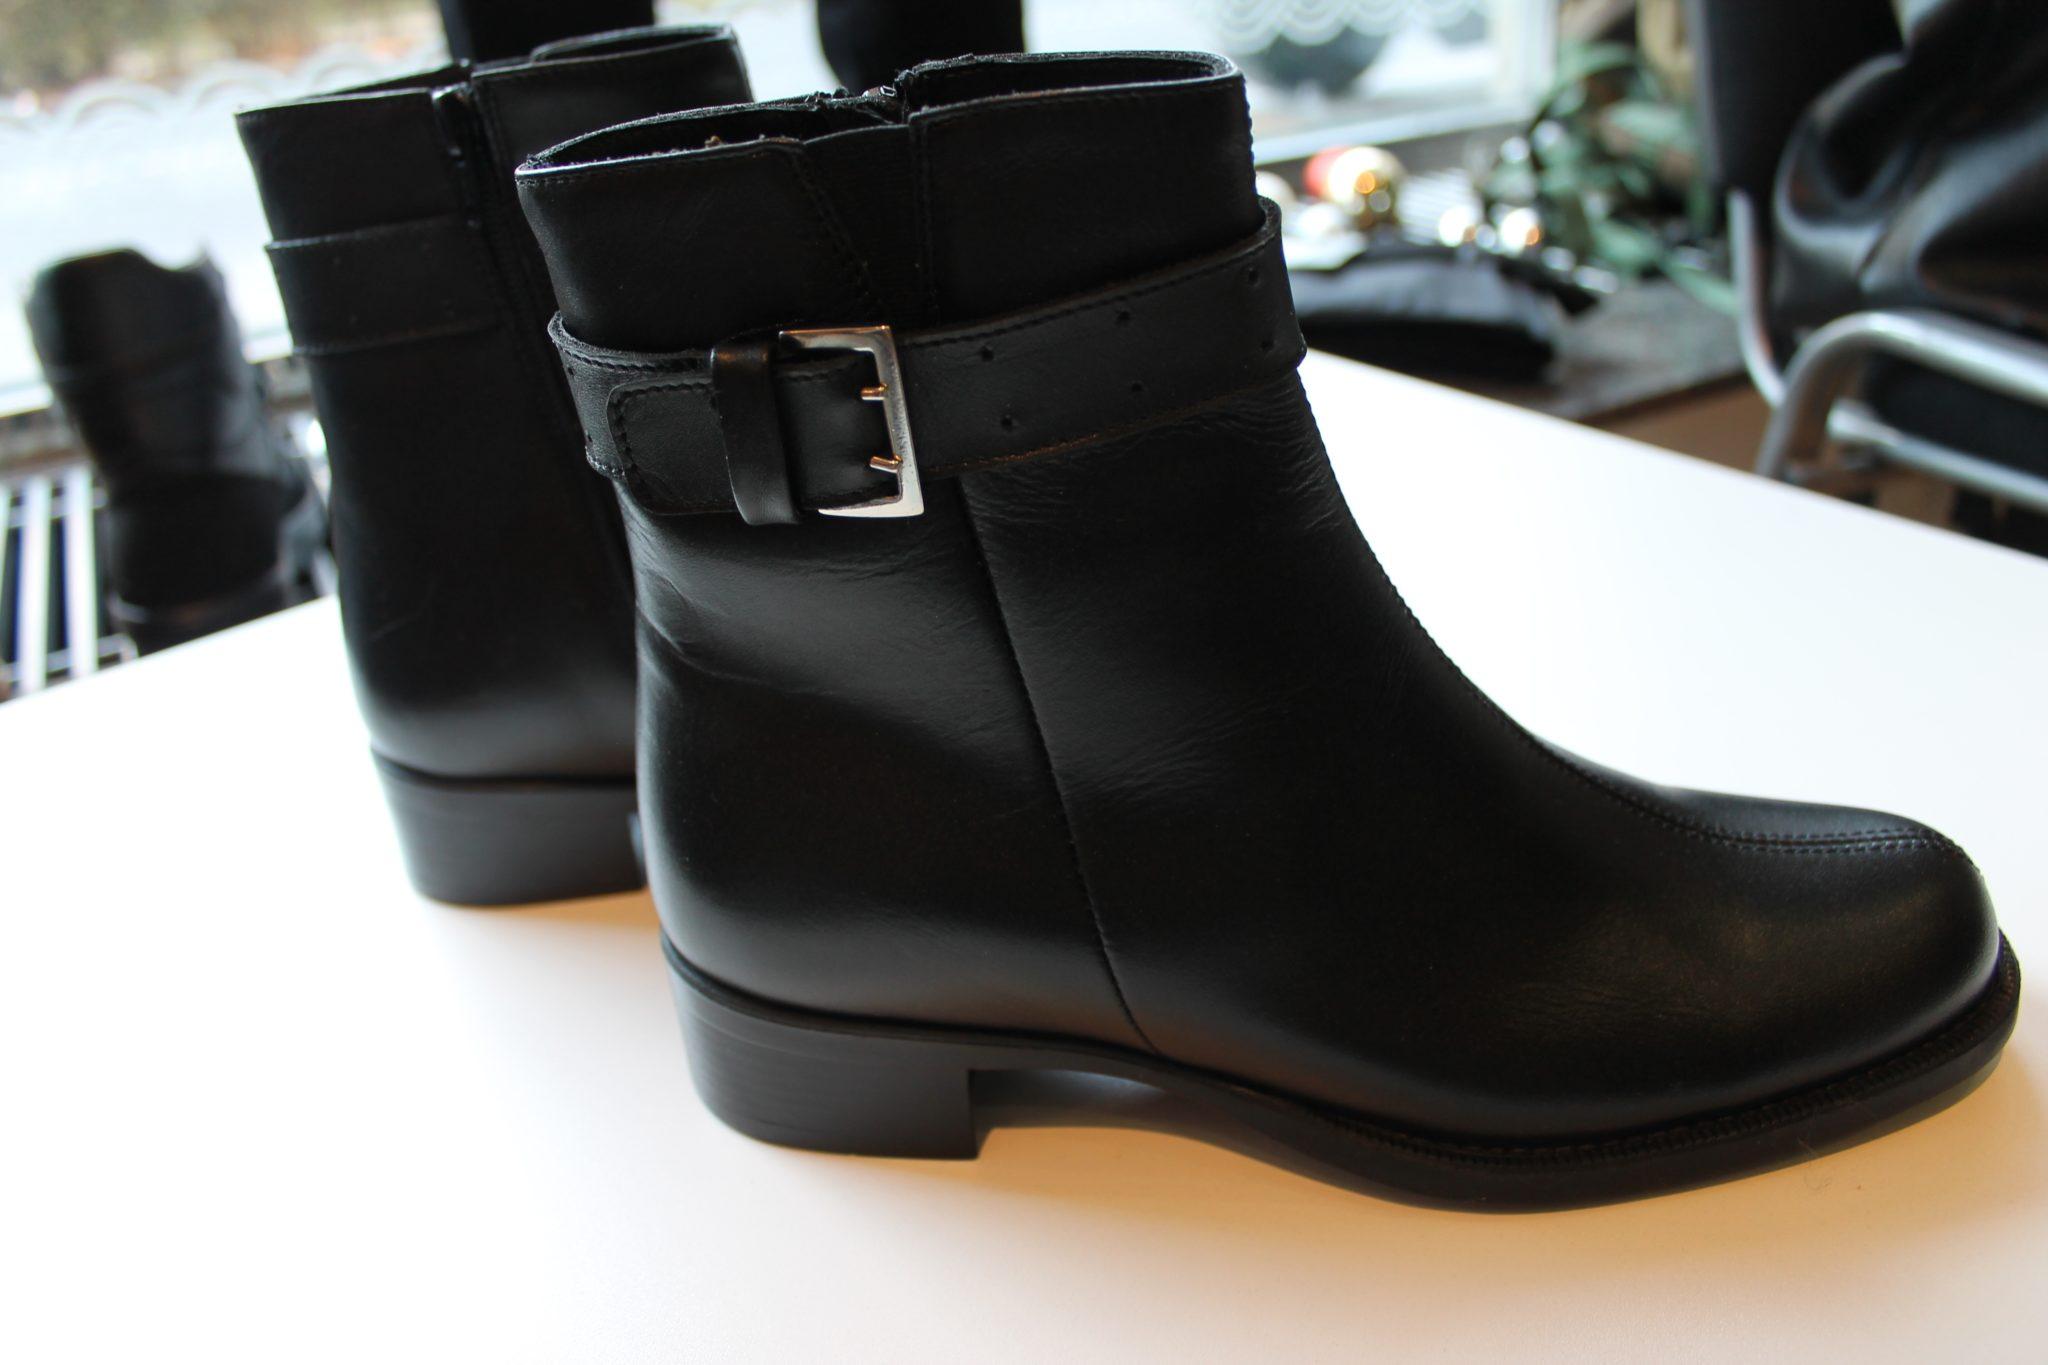 Ženske službene cipele